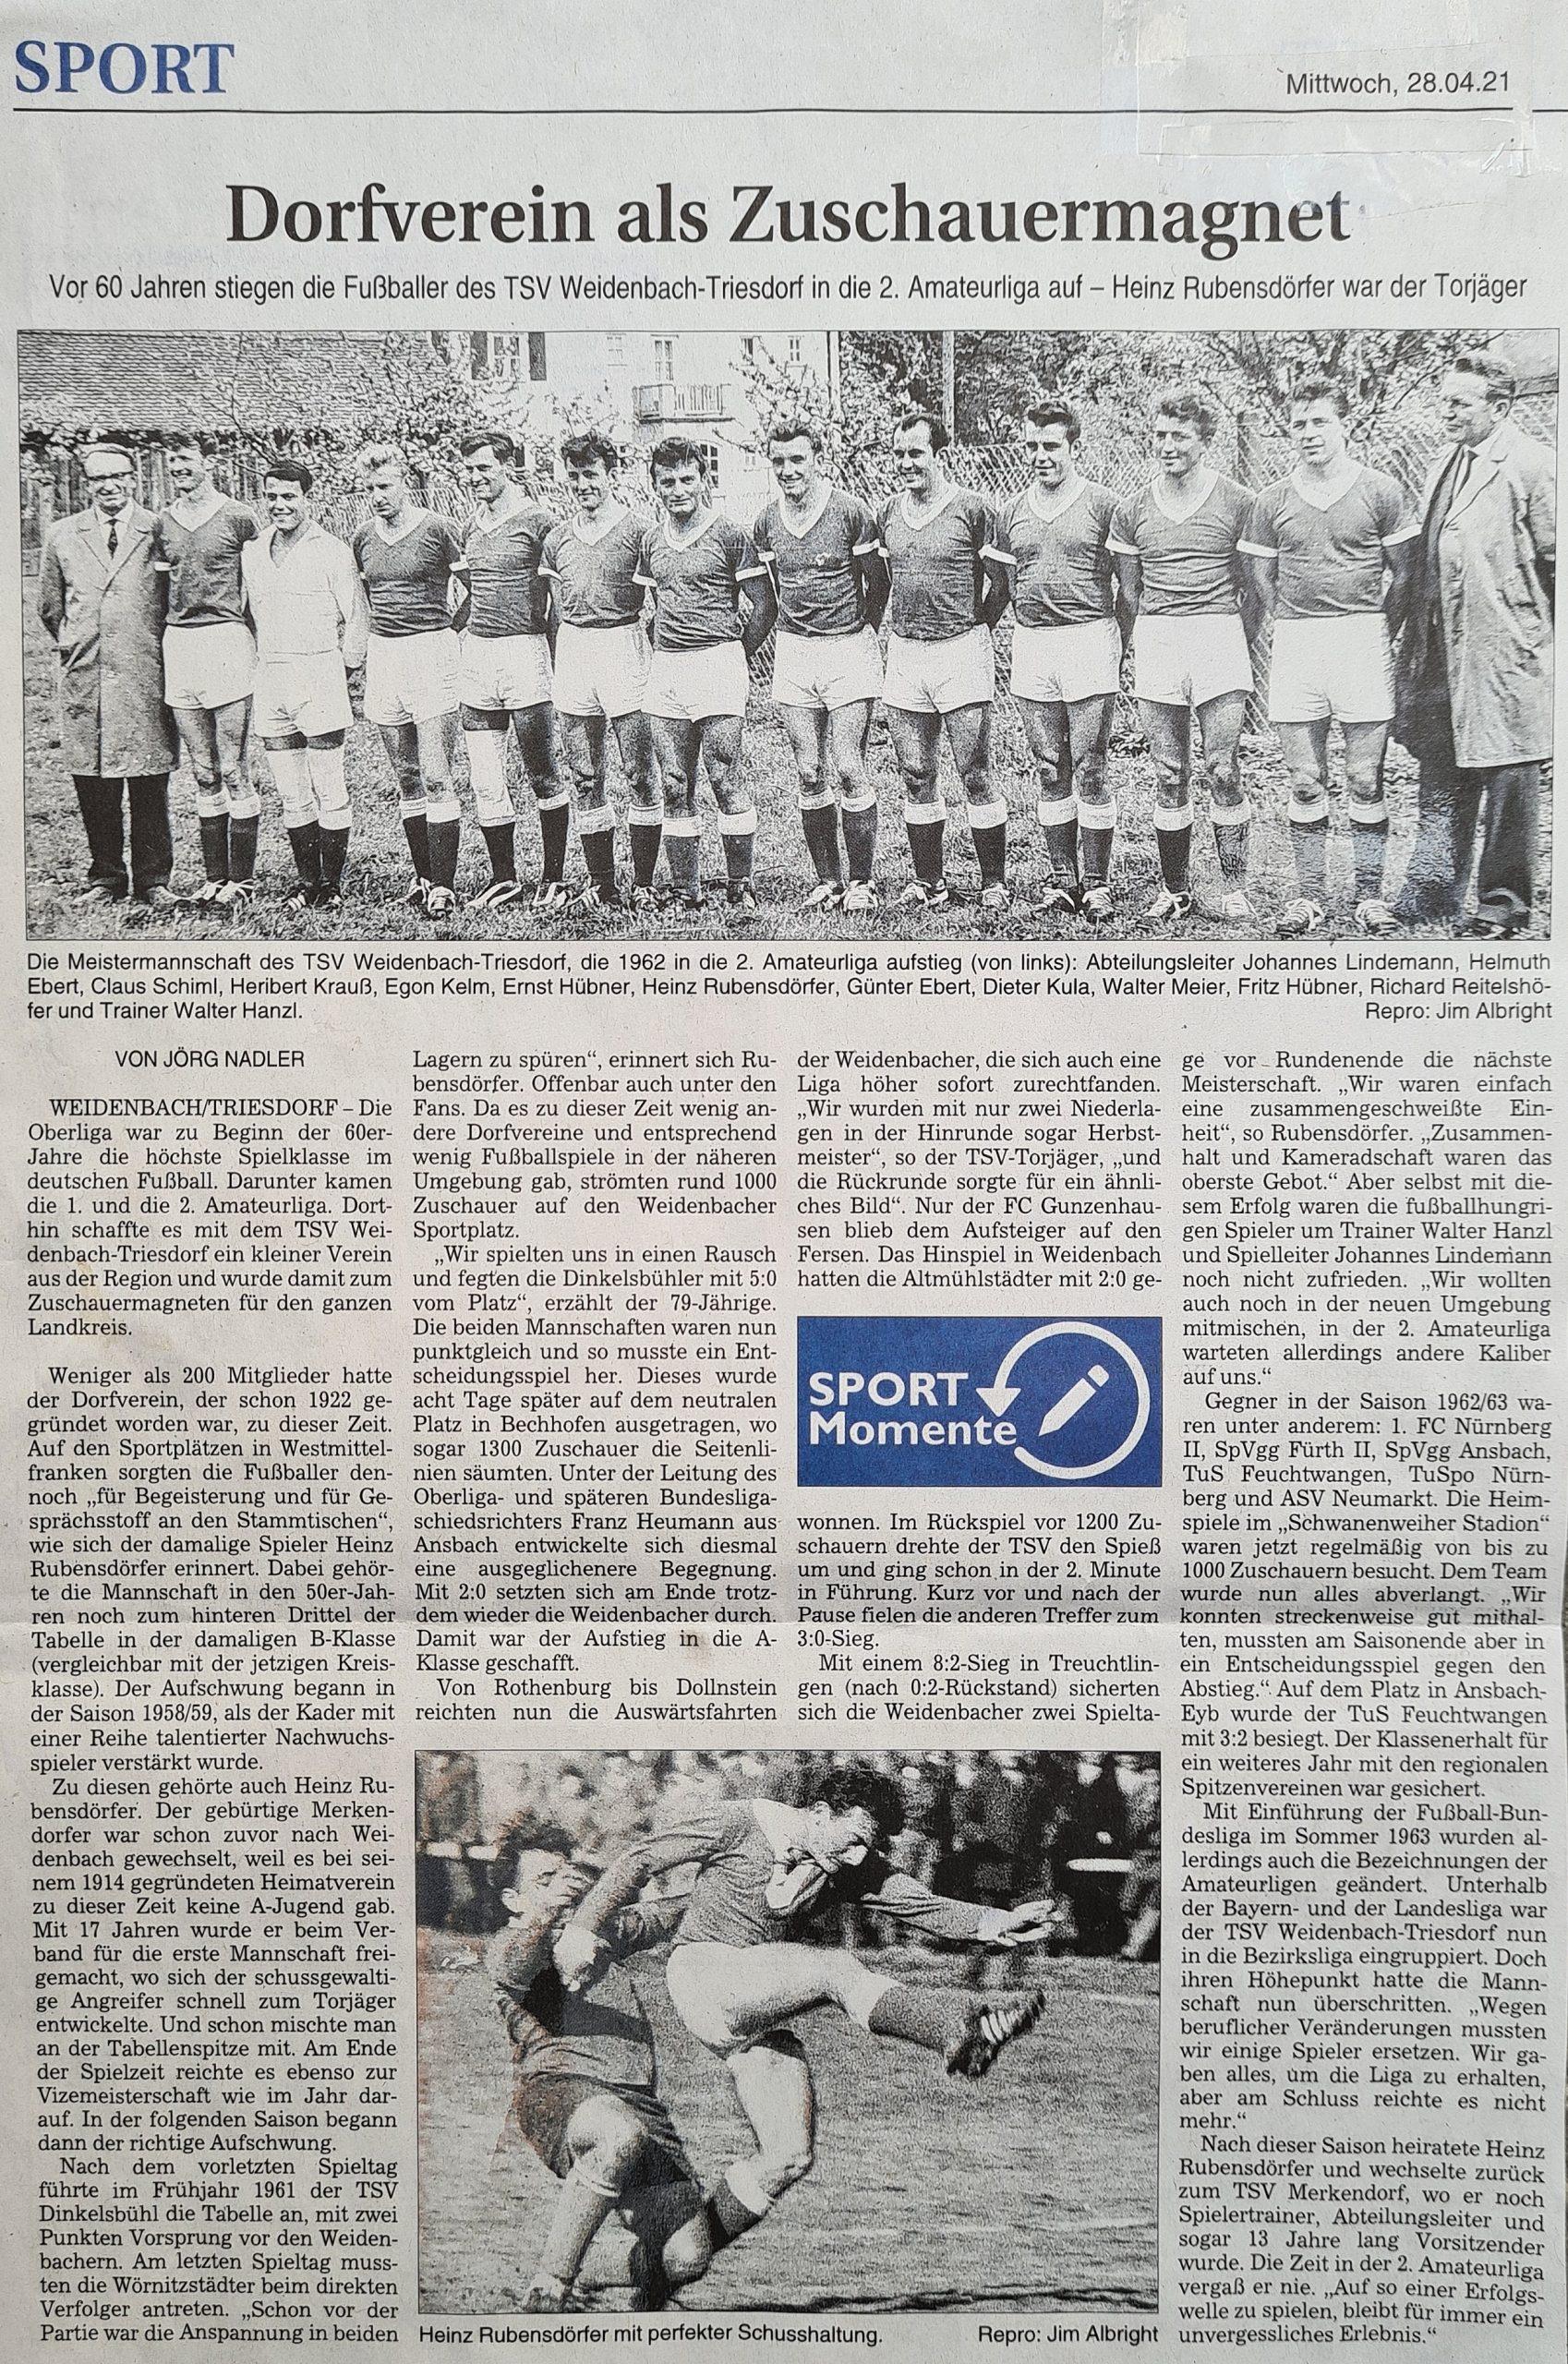 Dorfverein als Zuschauermagnet - Aufstieg in die 2. Amateurliga anno 1962